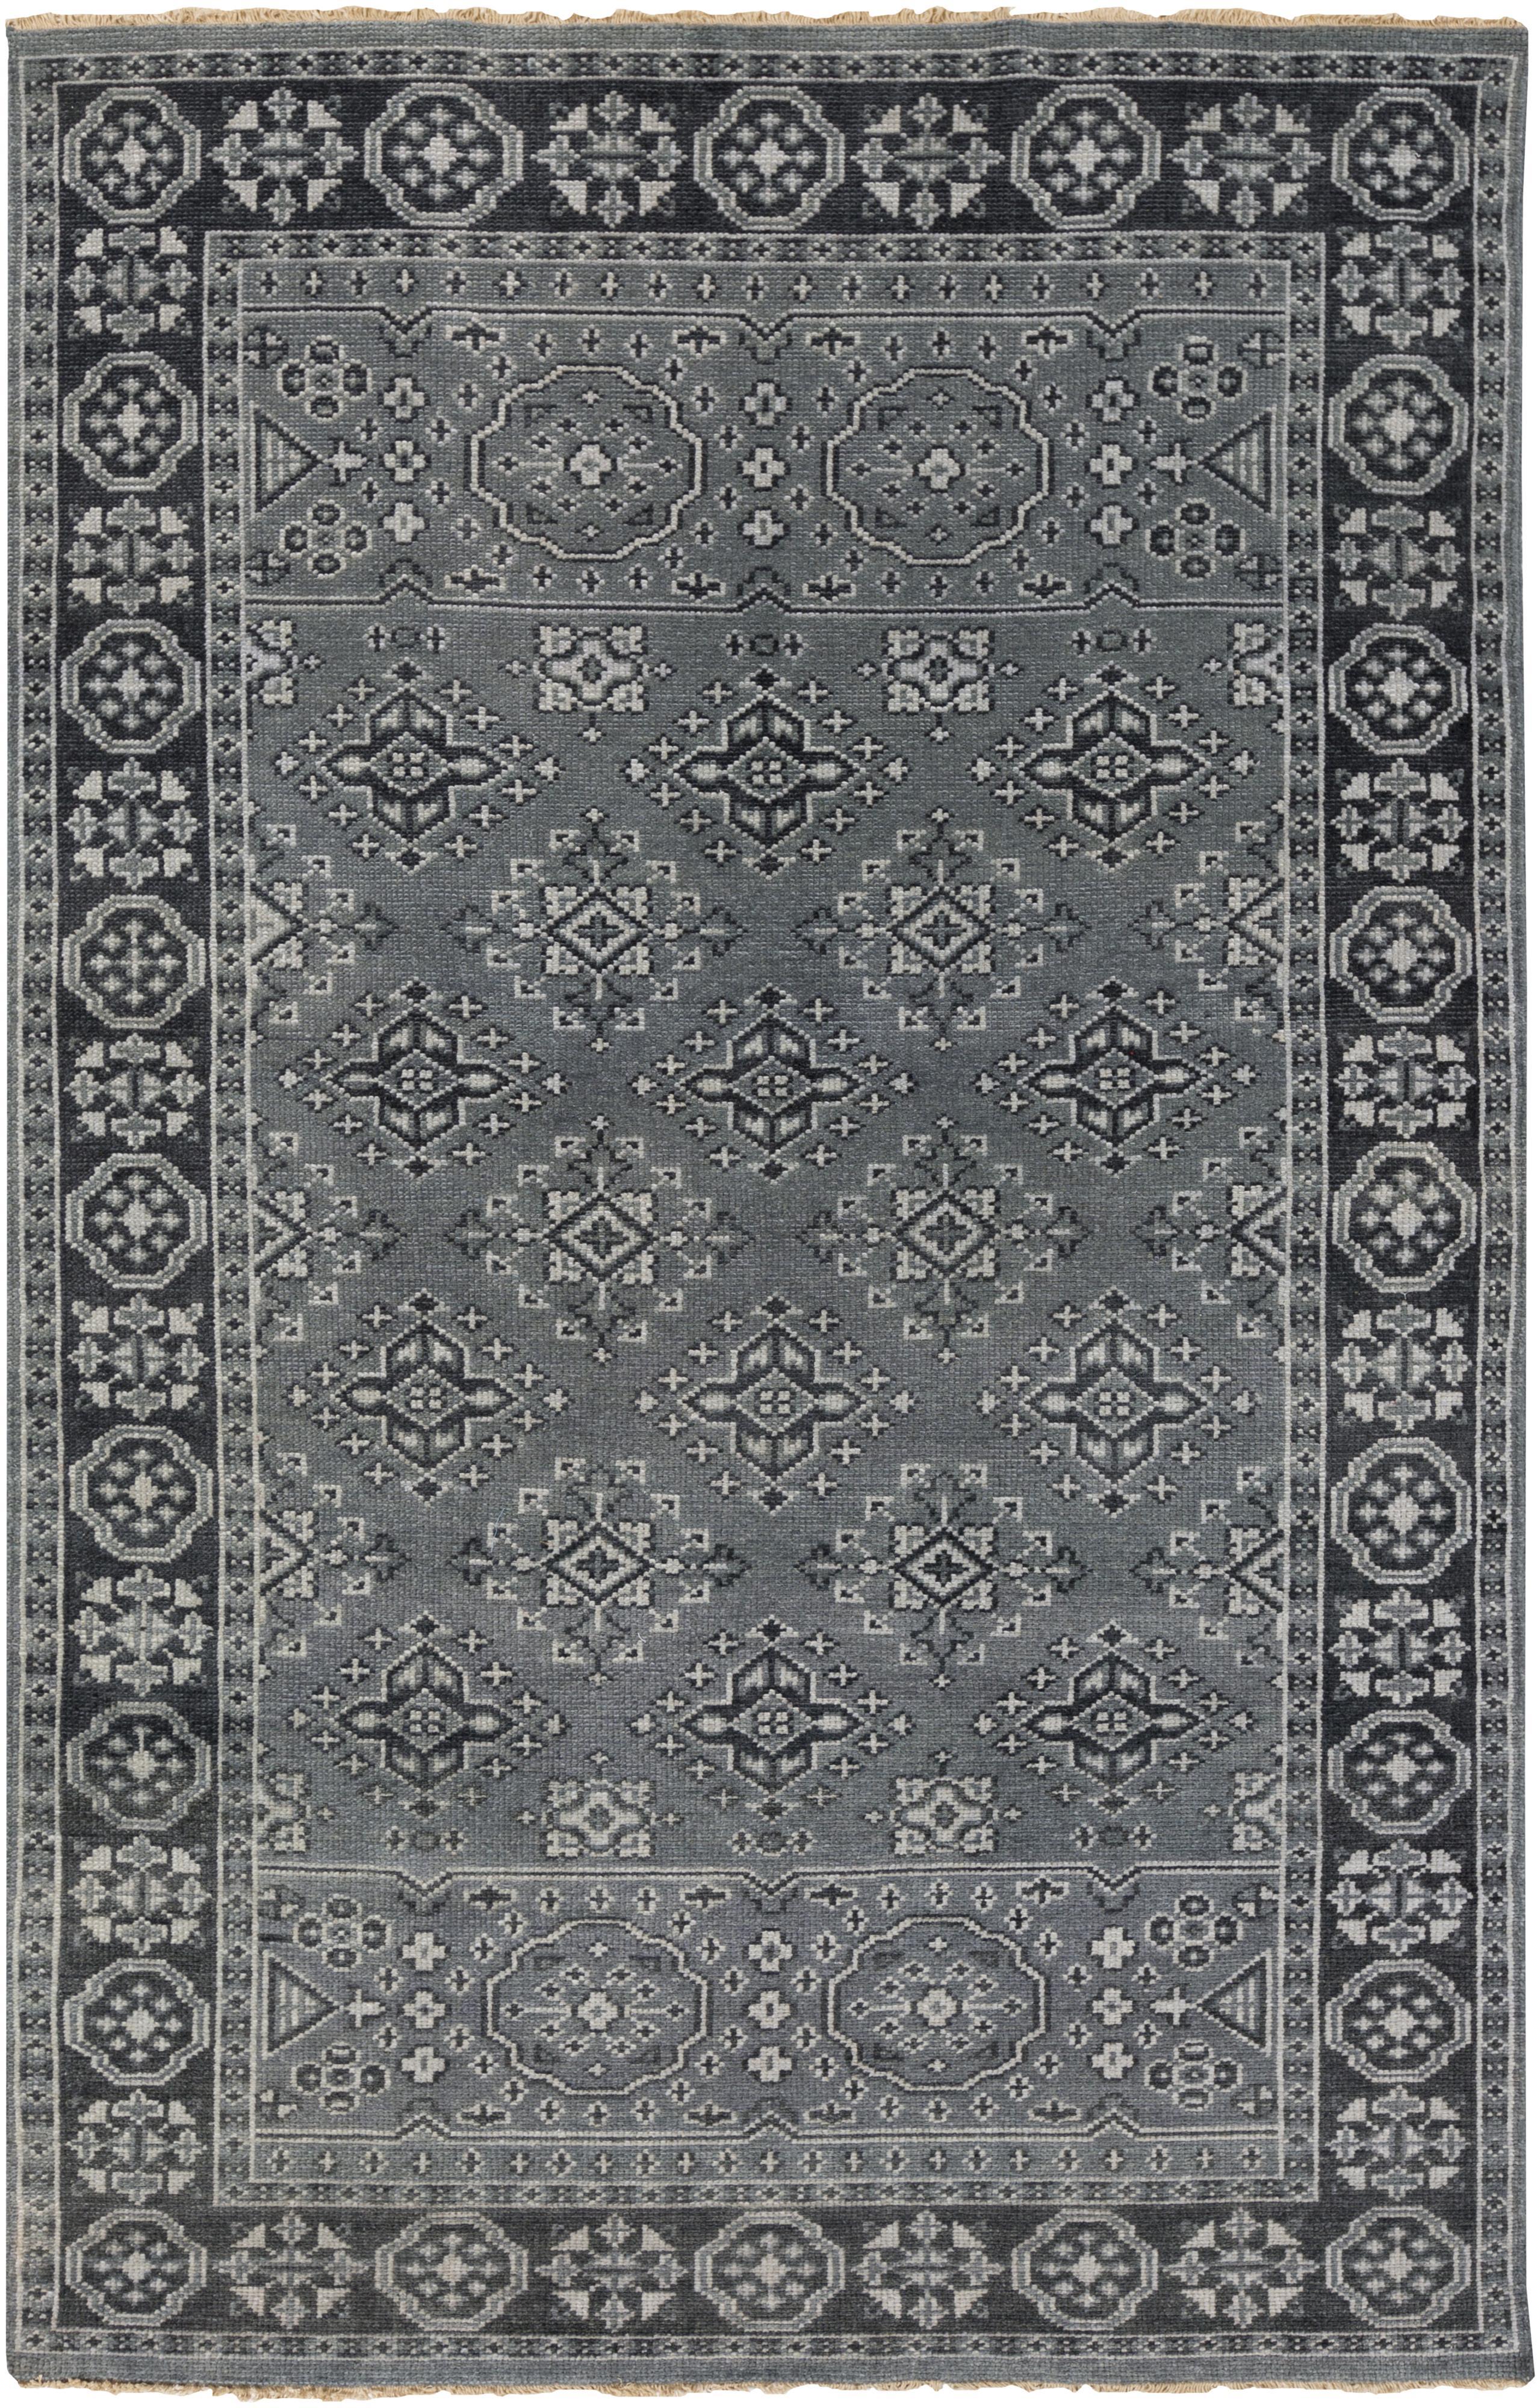 Surya Rugs Cappadocia 8' x 11' - Item Number: CPP5012-811